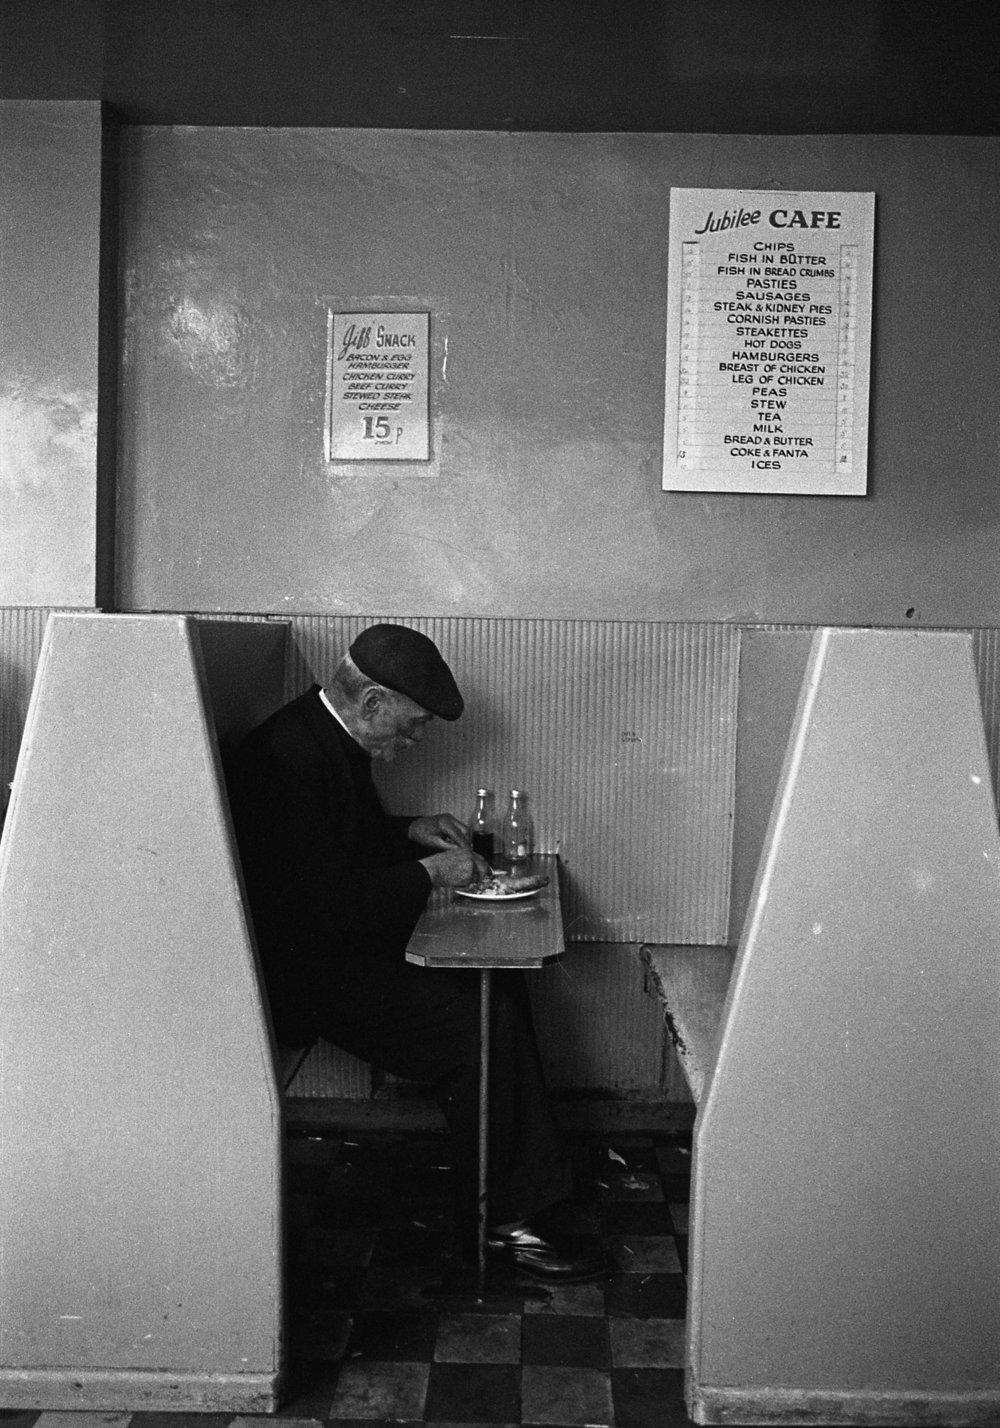 SR1974 - 42 Jubilee Cafe.jpg